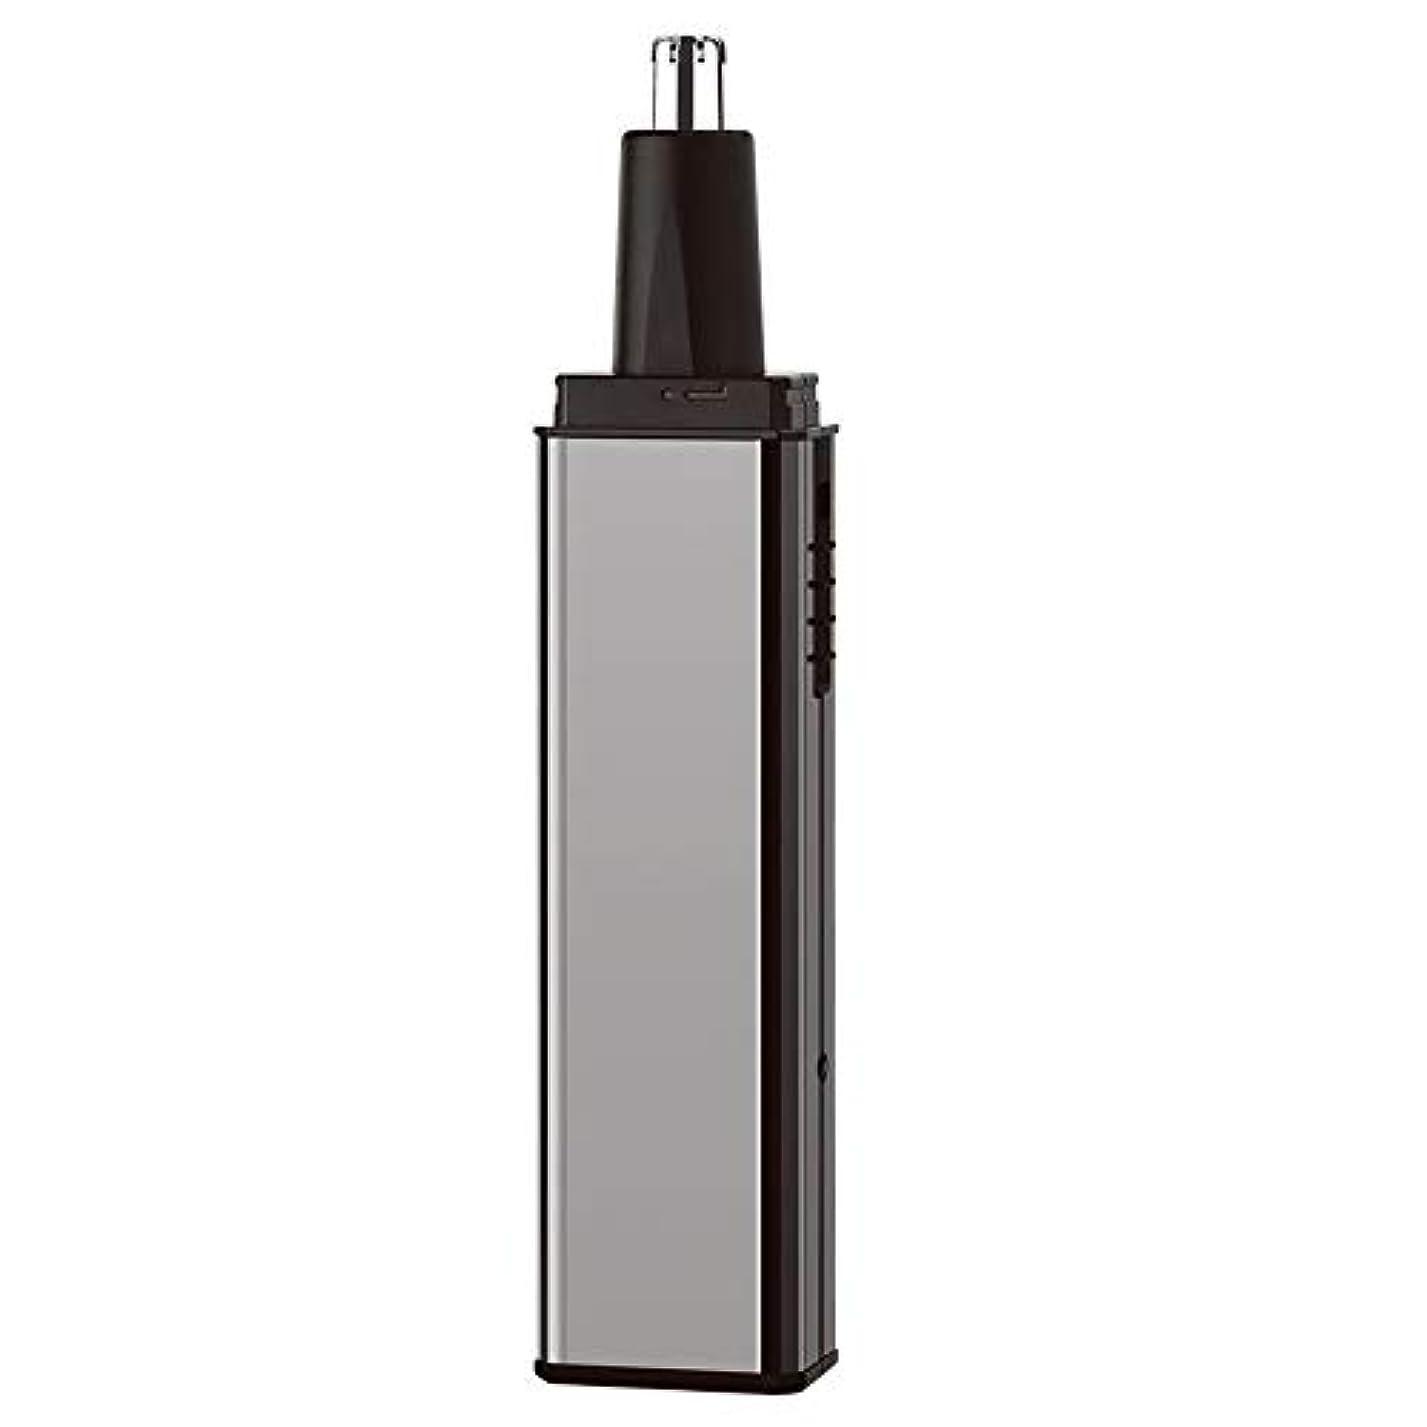 名誉ある忠誠入り口鼻毛トリマー-多機能スーツフォーインワン/電気鼻毛トリマー/ステンレススチール/多機能/ 13.5 * 2.7cm 持つ価値があります